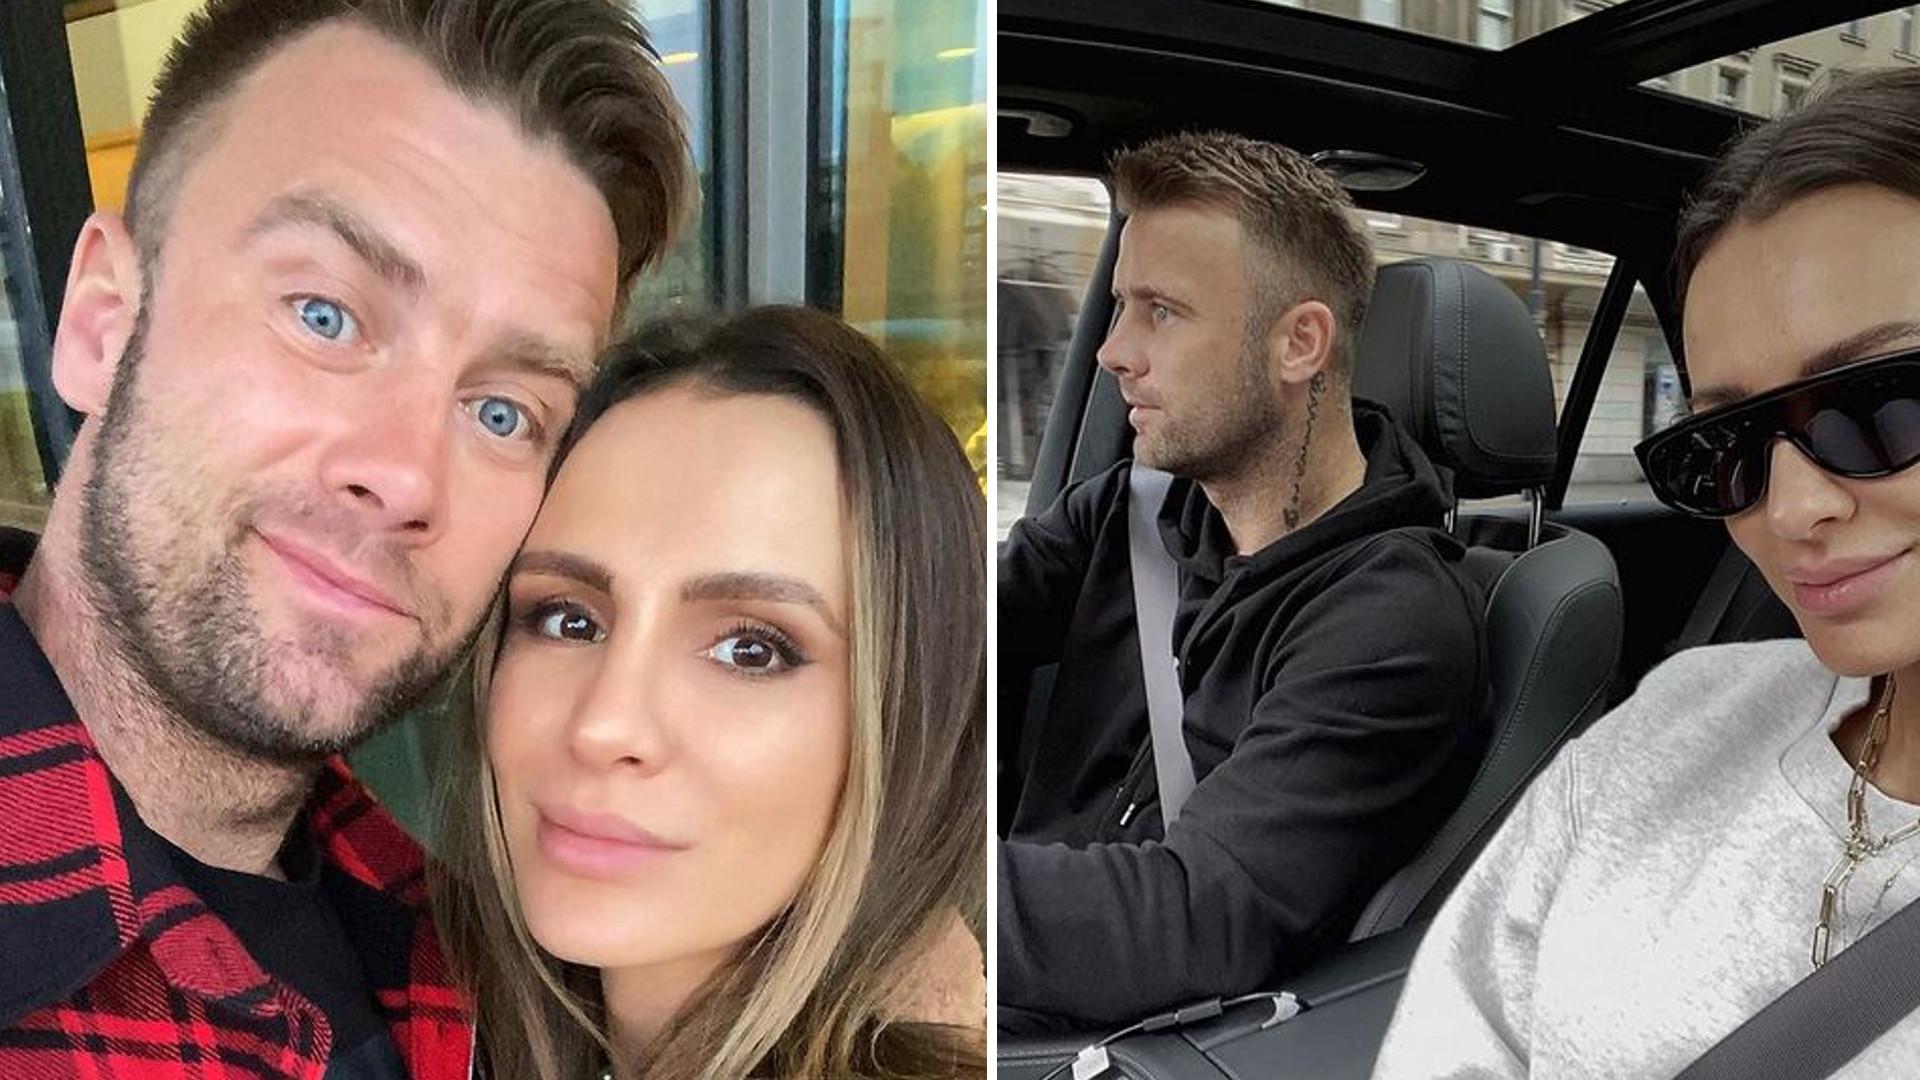 Sara i Artur Boruc pokazali zdjęcia z randki w Dubaju. Ich stylizacje robią wrażenie!